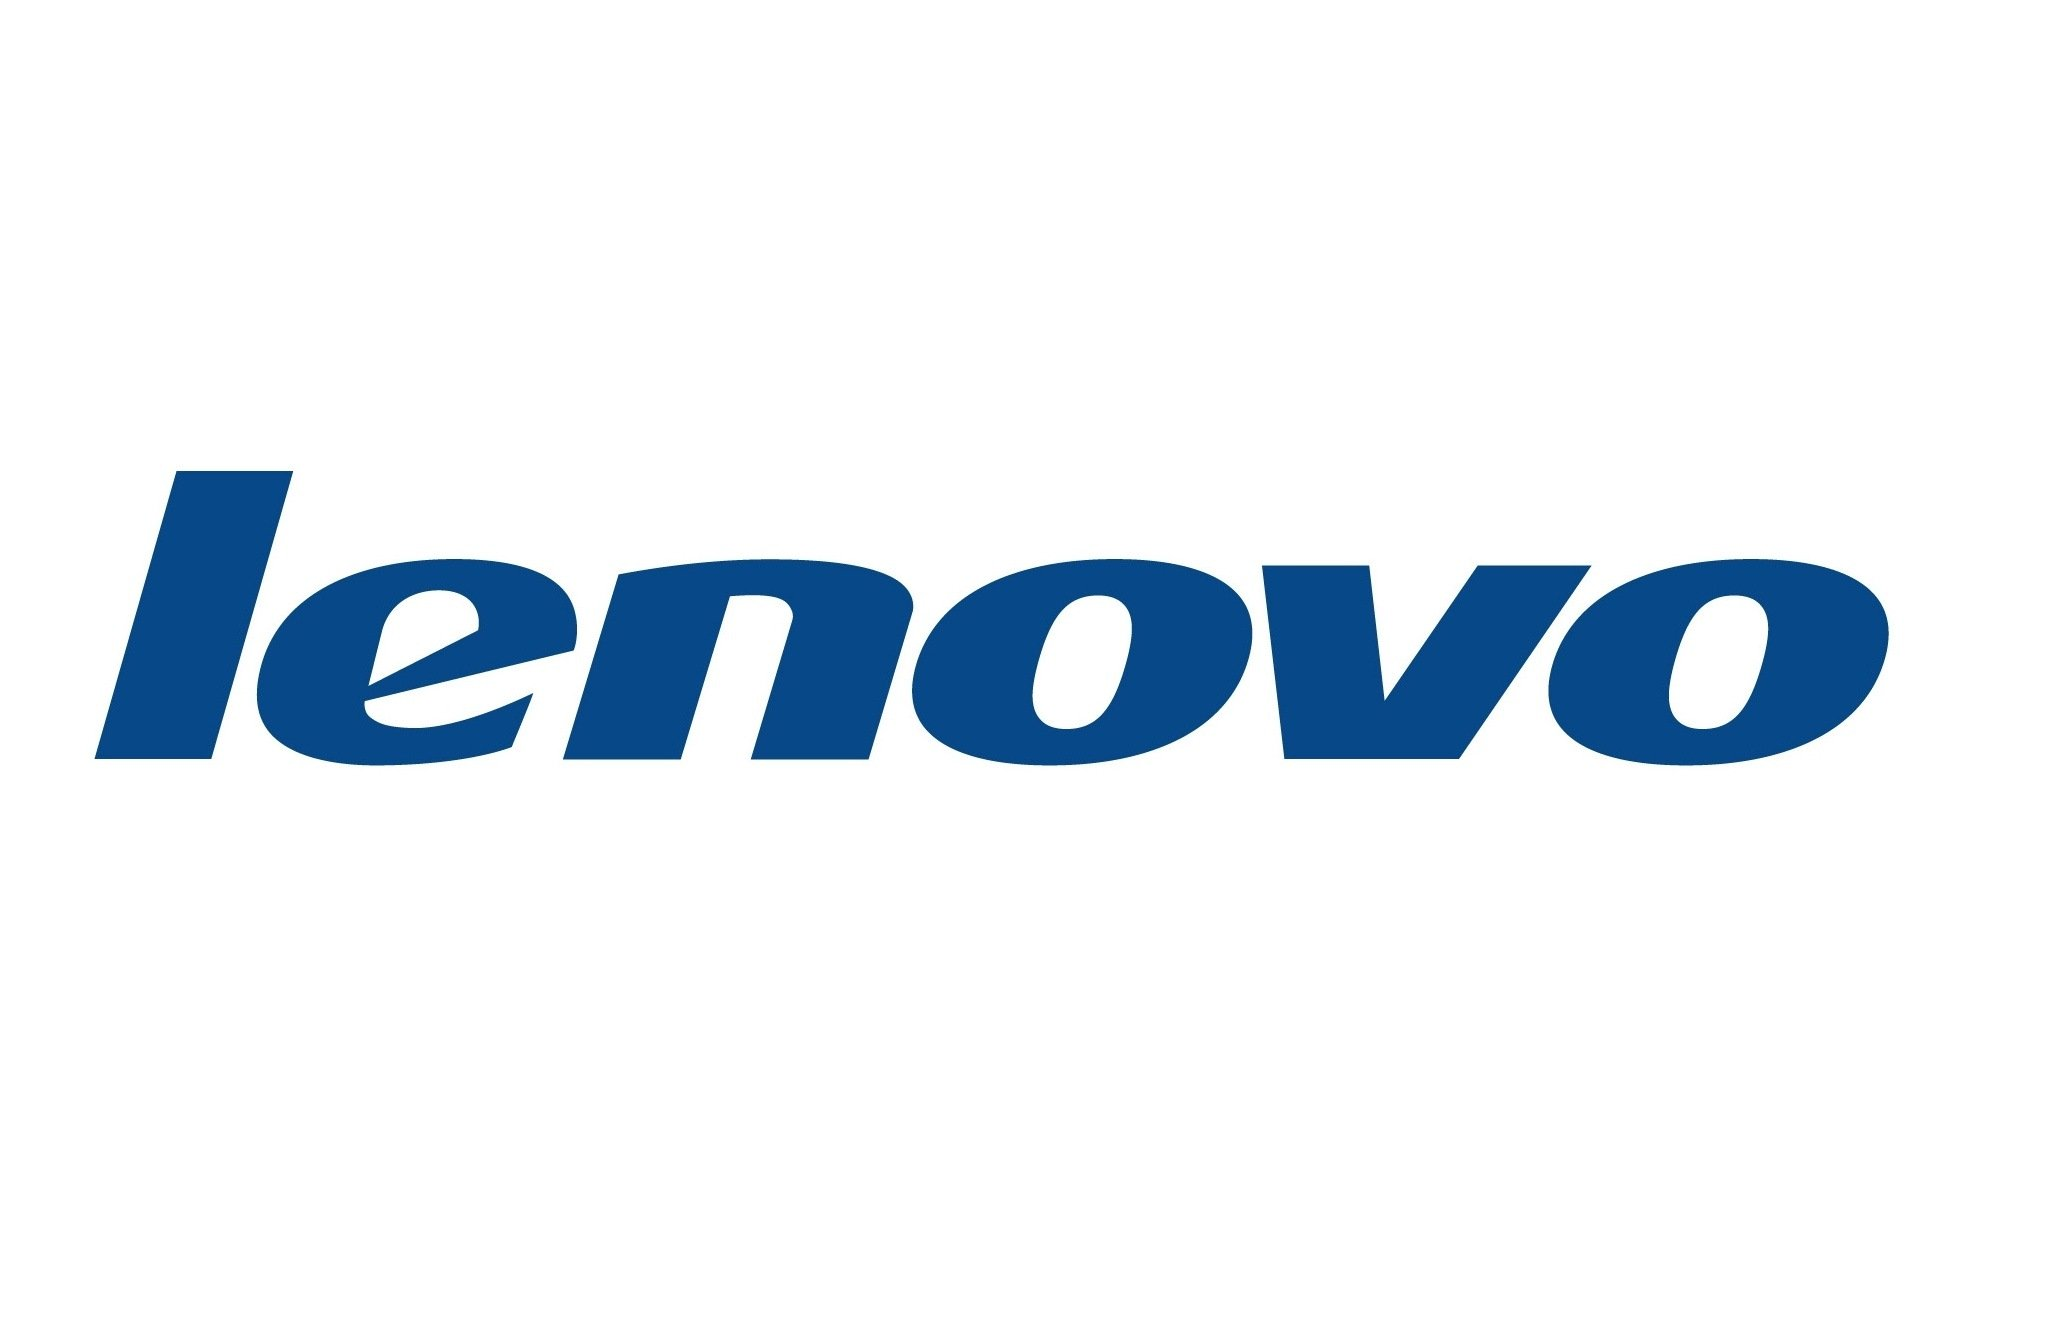 Çift Ön Kameralı Lenovo Akıllı Telefon Sızdırıldı!